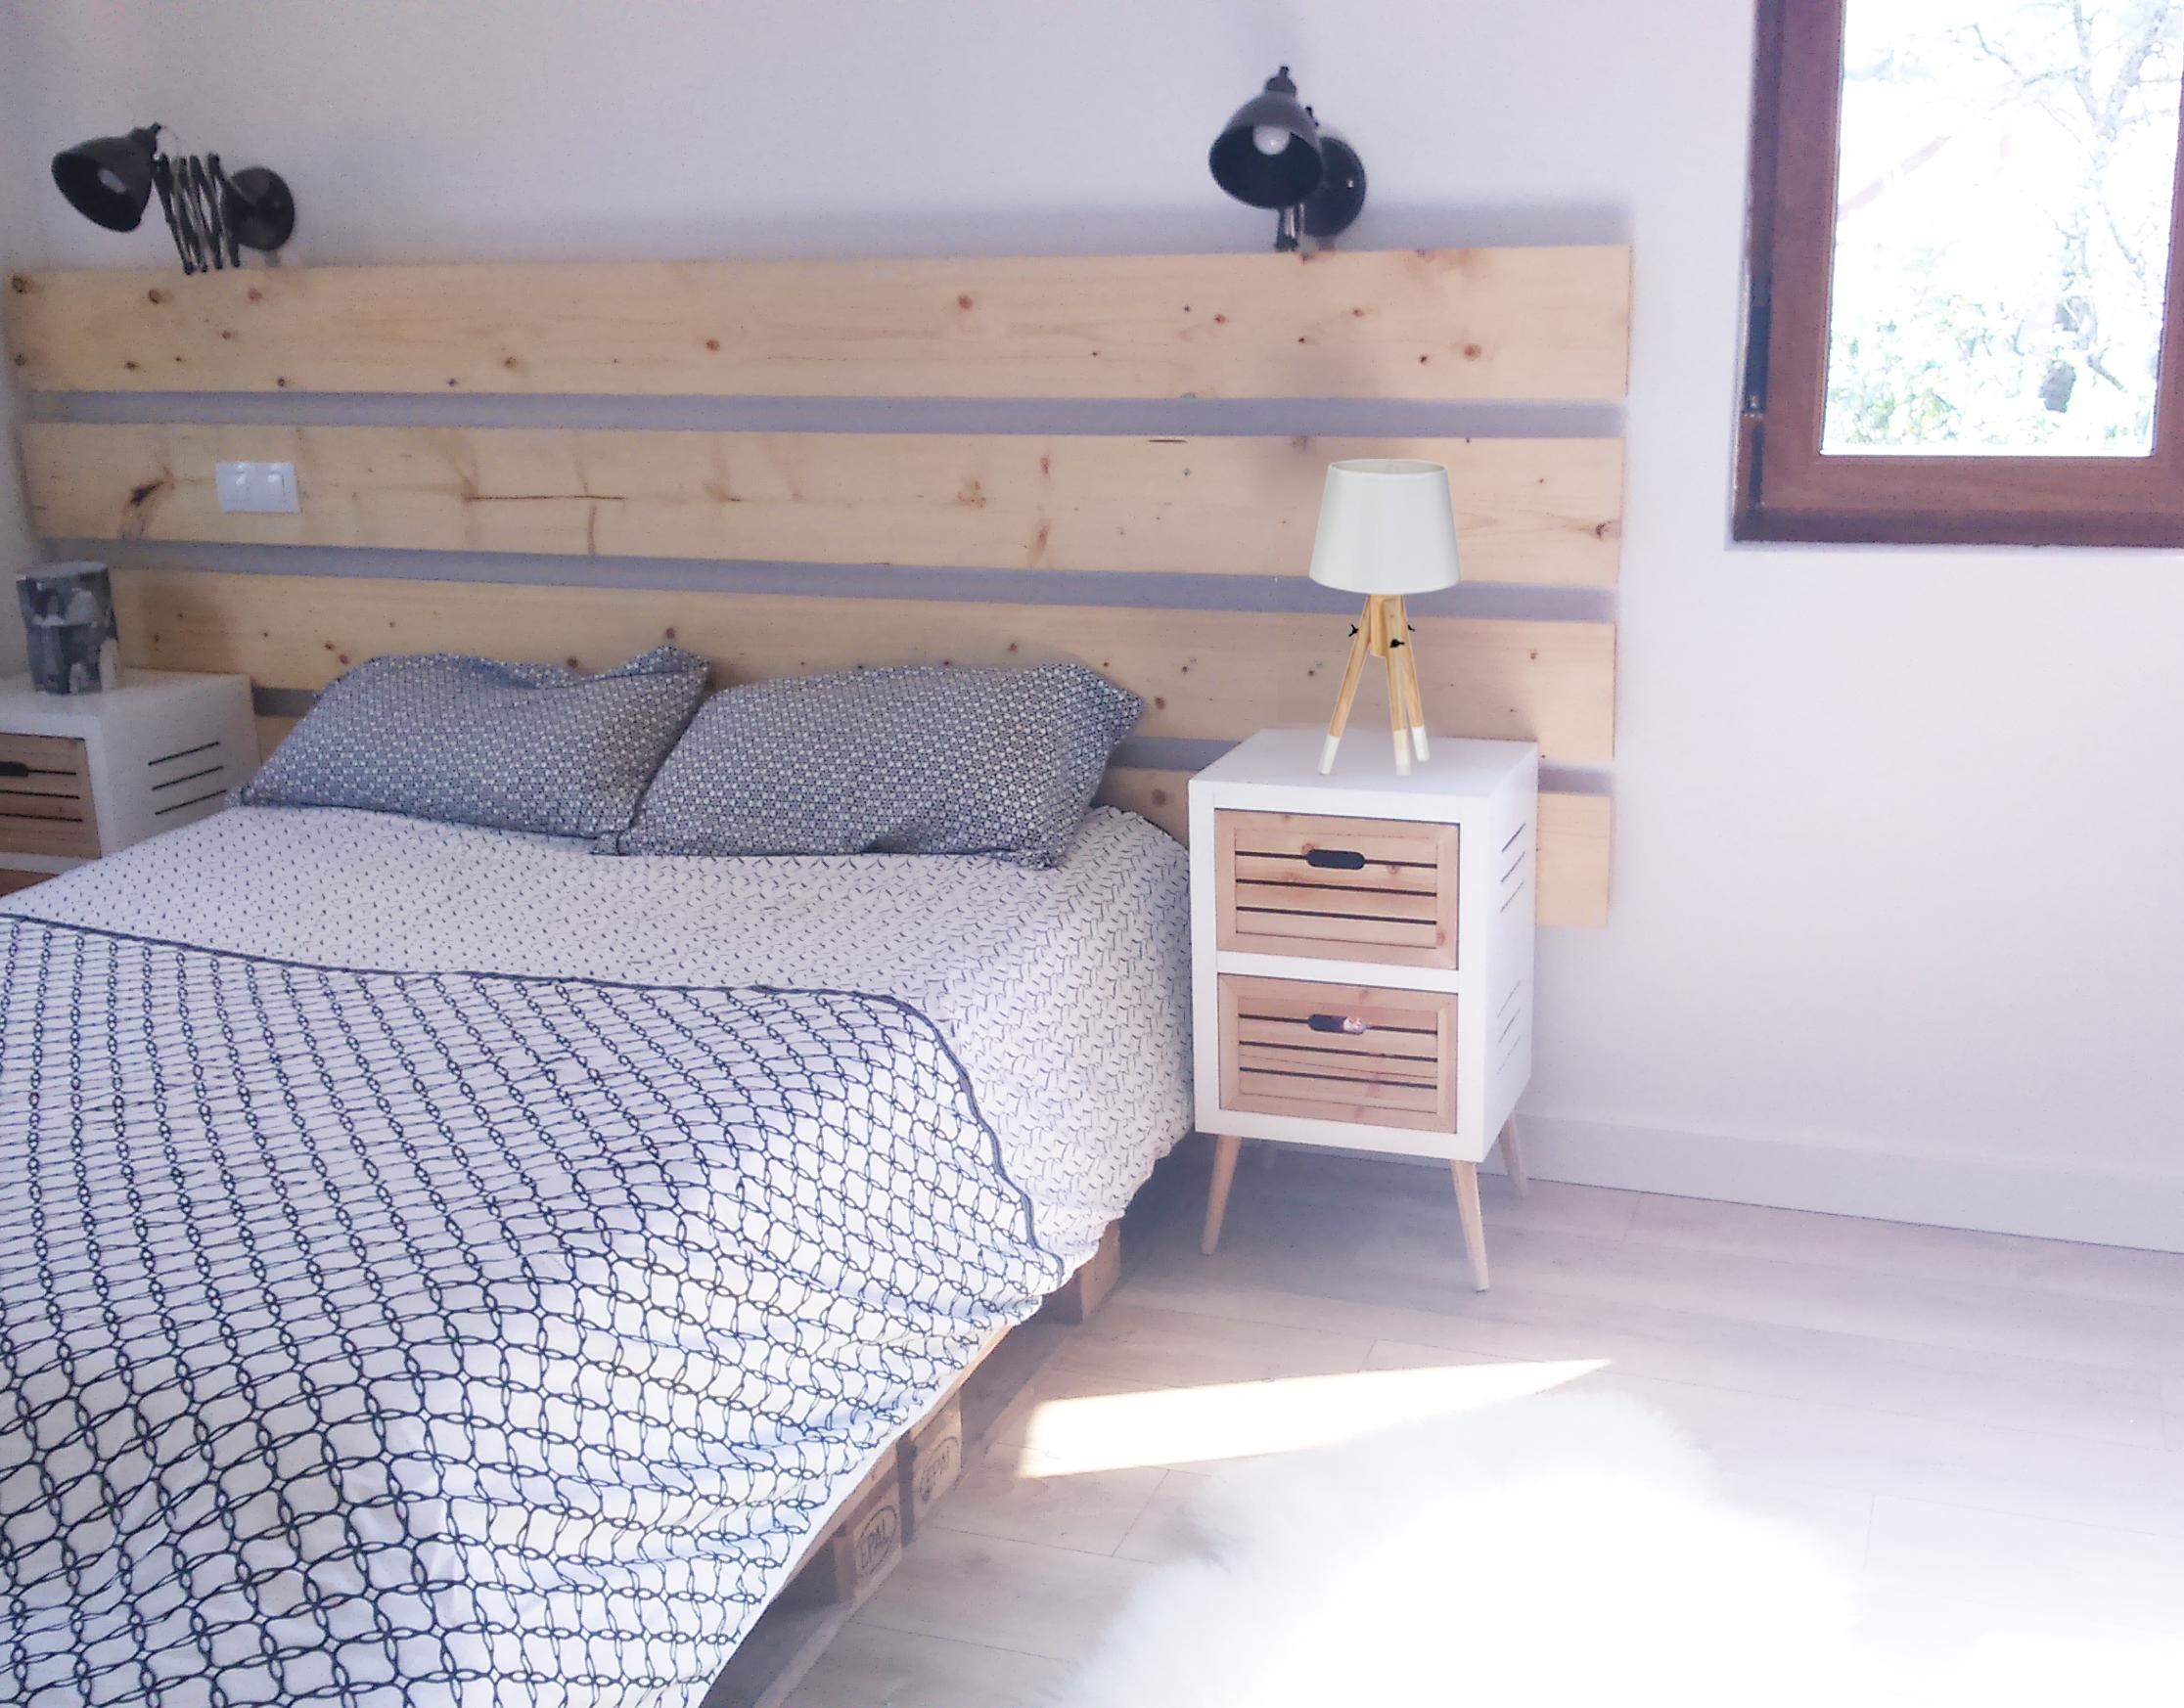 Dormitorio matrimonio estilo n rdico casika for Dormitorio matrimonio estilo nordico